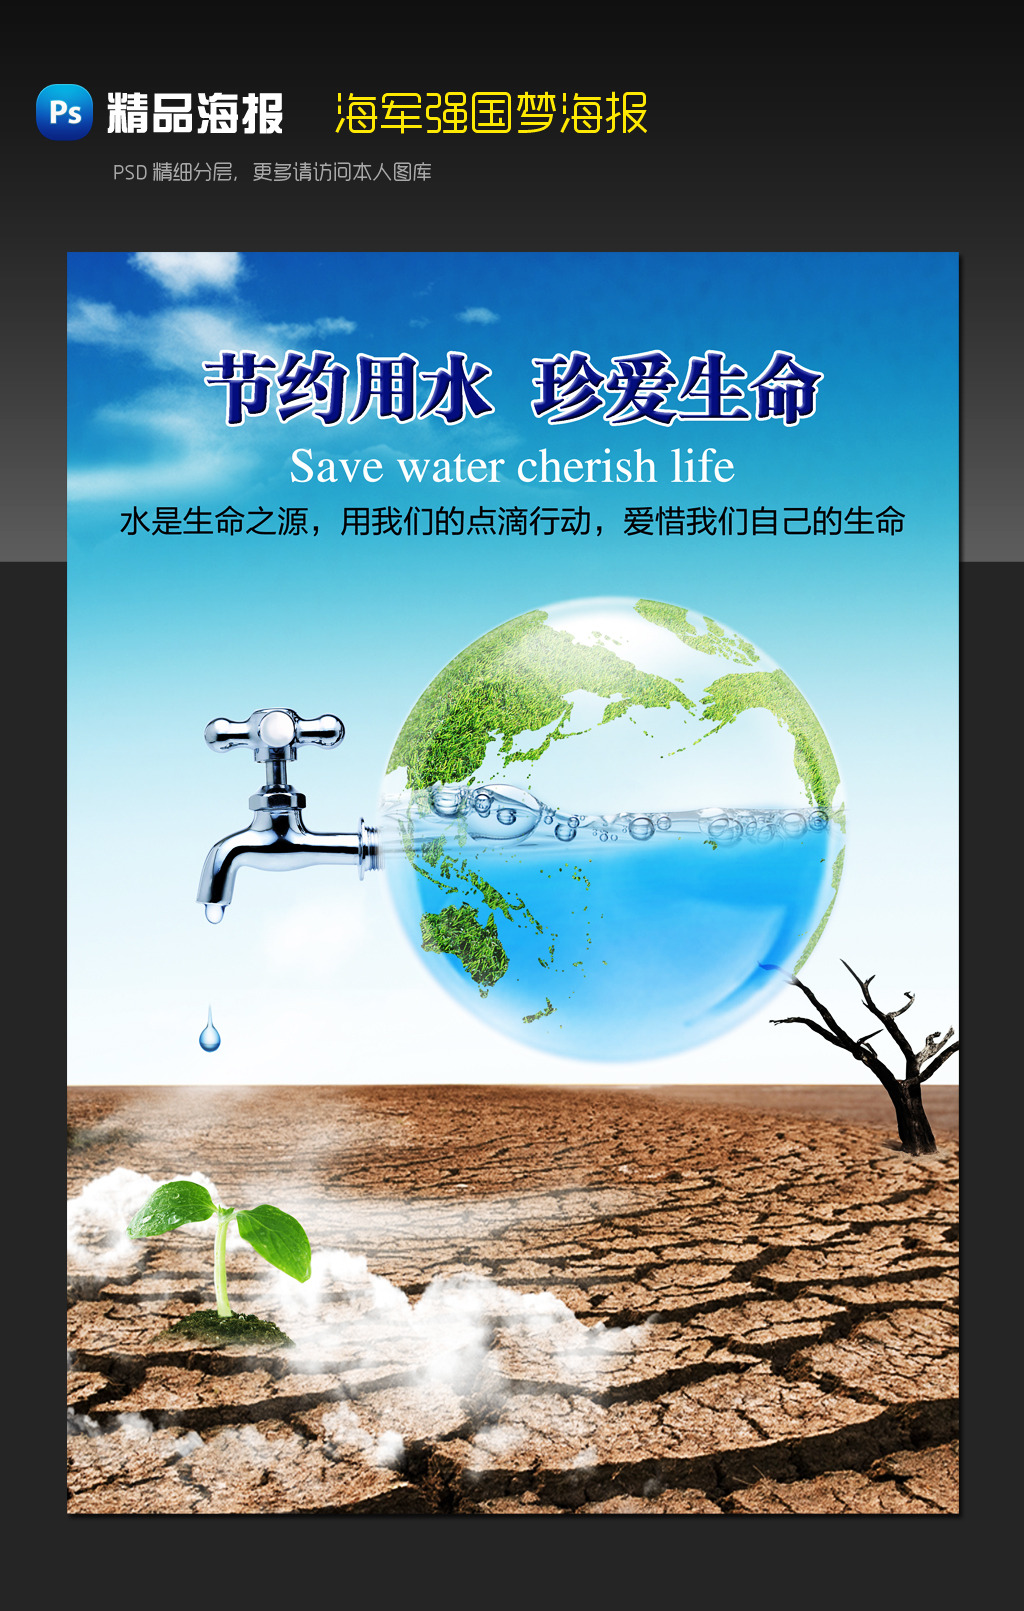 节约用水海报设计模板下载(图片编号:12379520)_海报